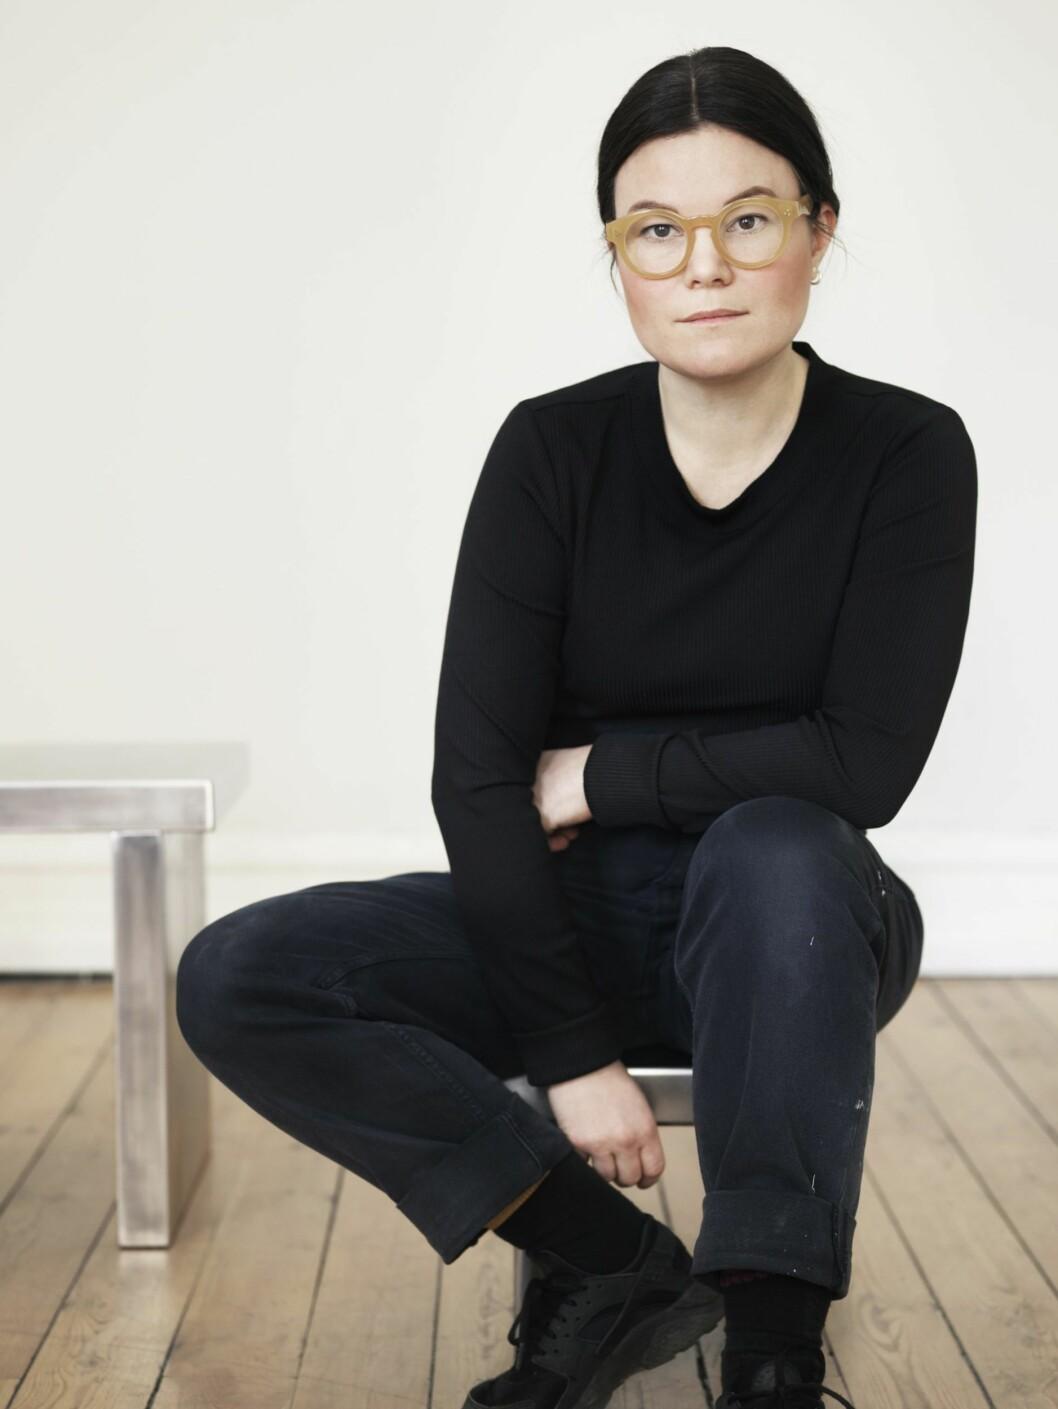 Formgivaren Jenny Nordberg